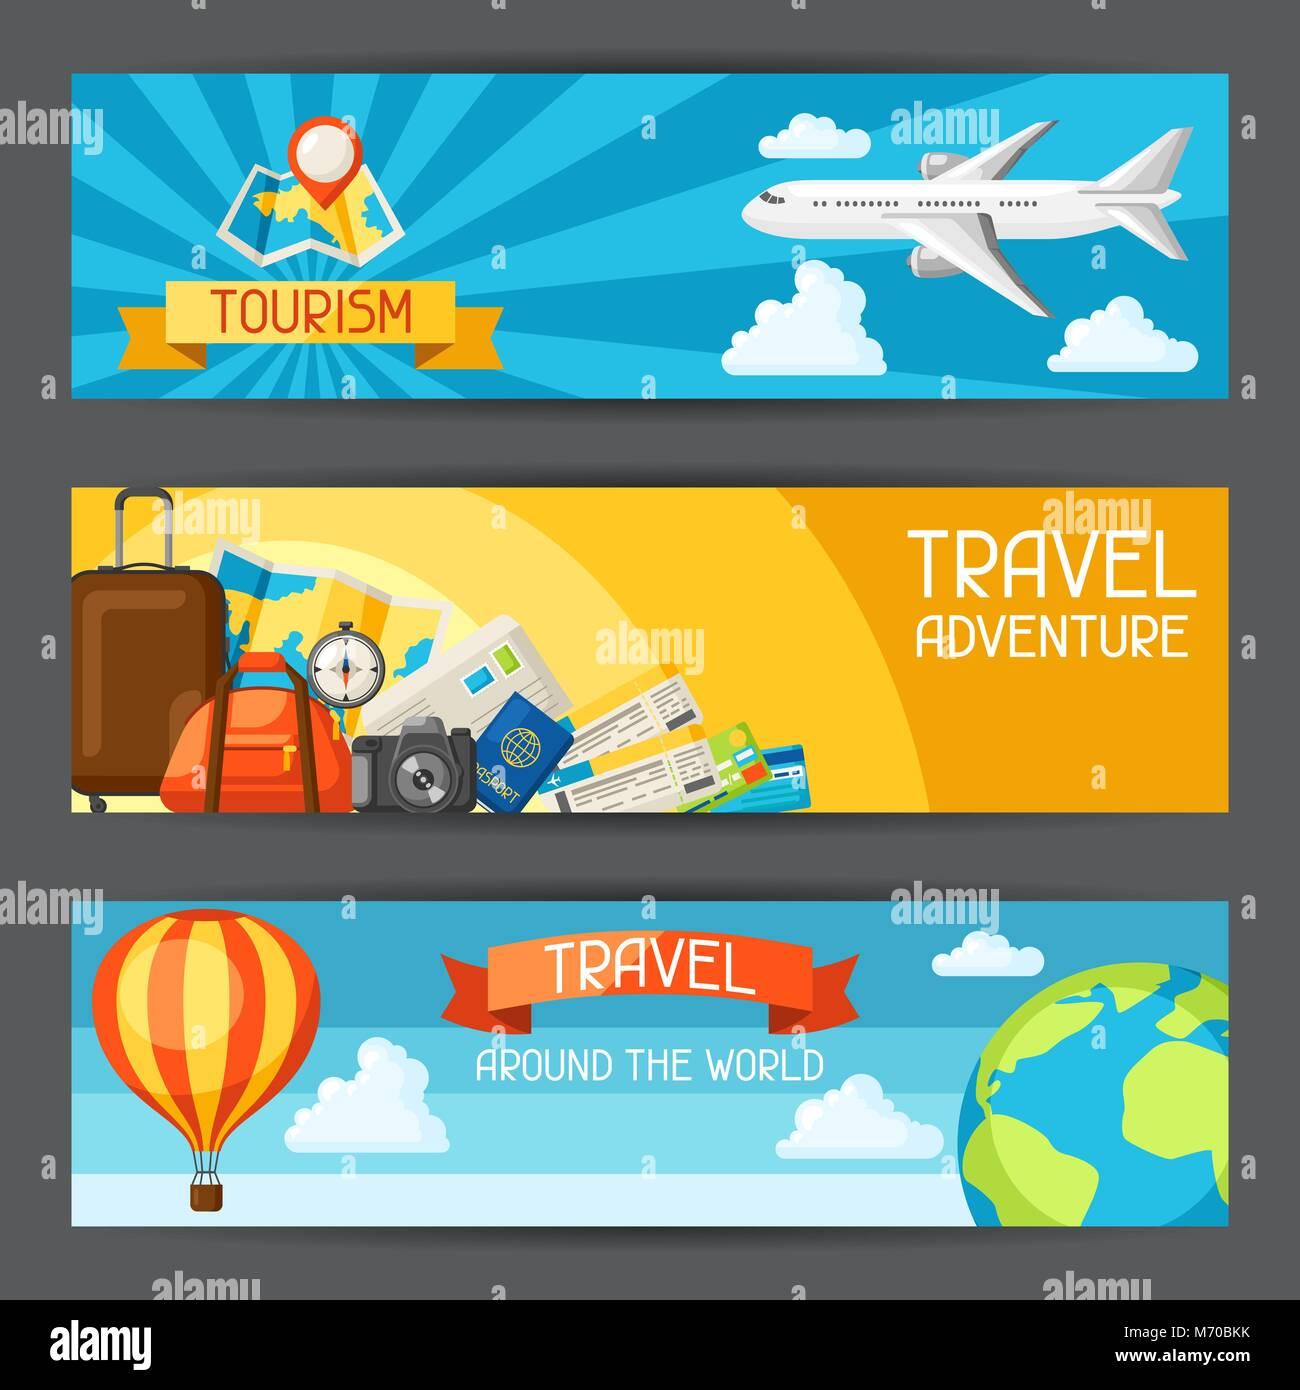 Sfondi di viaggi